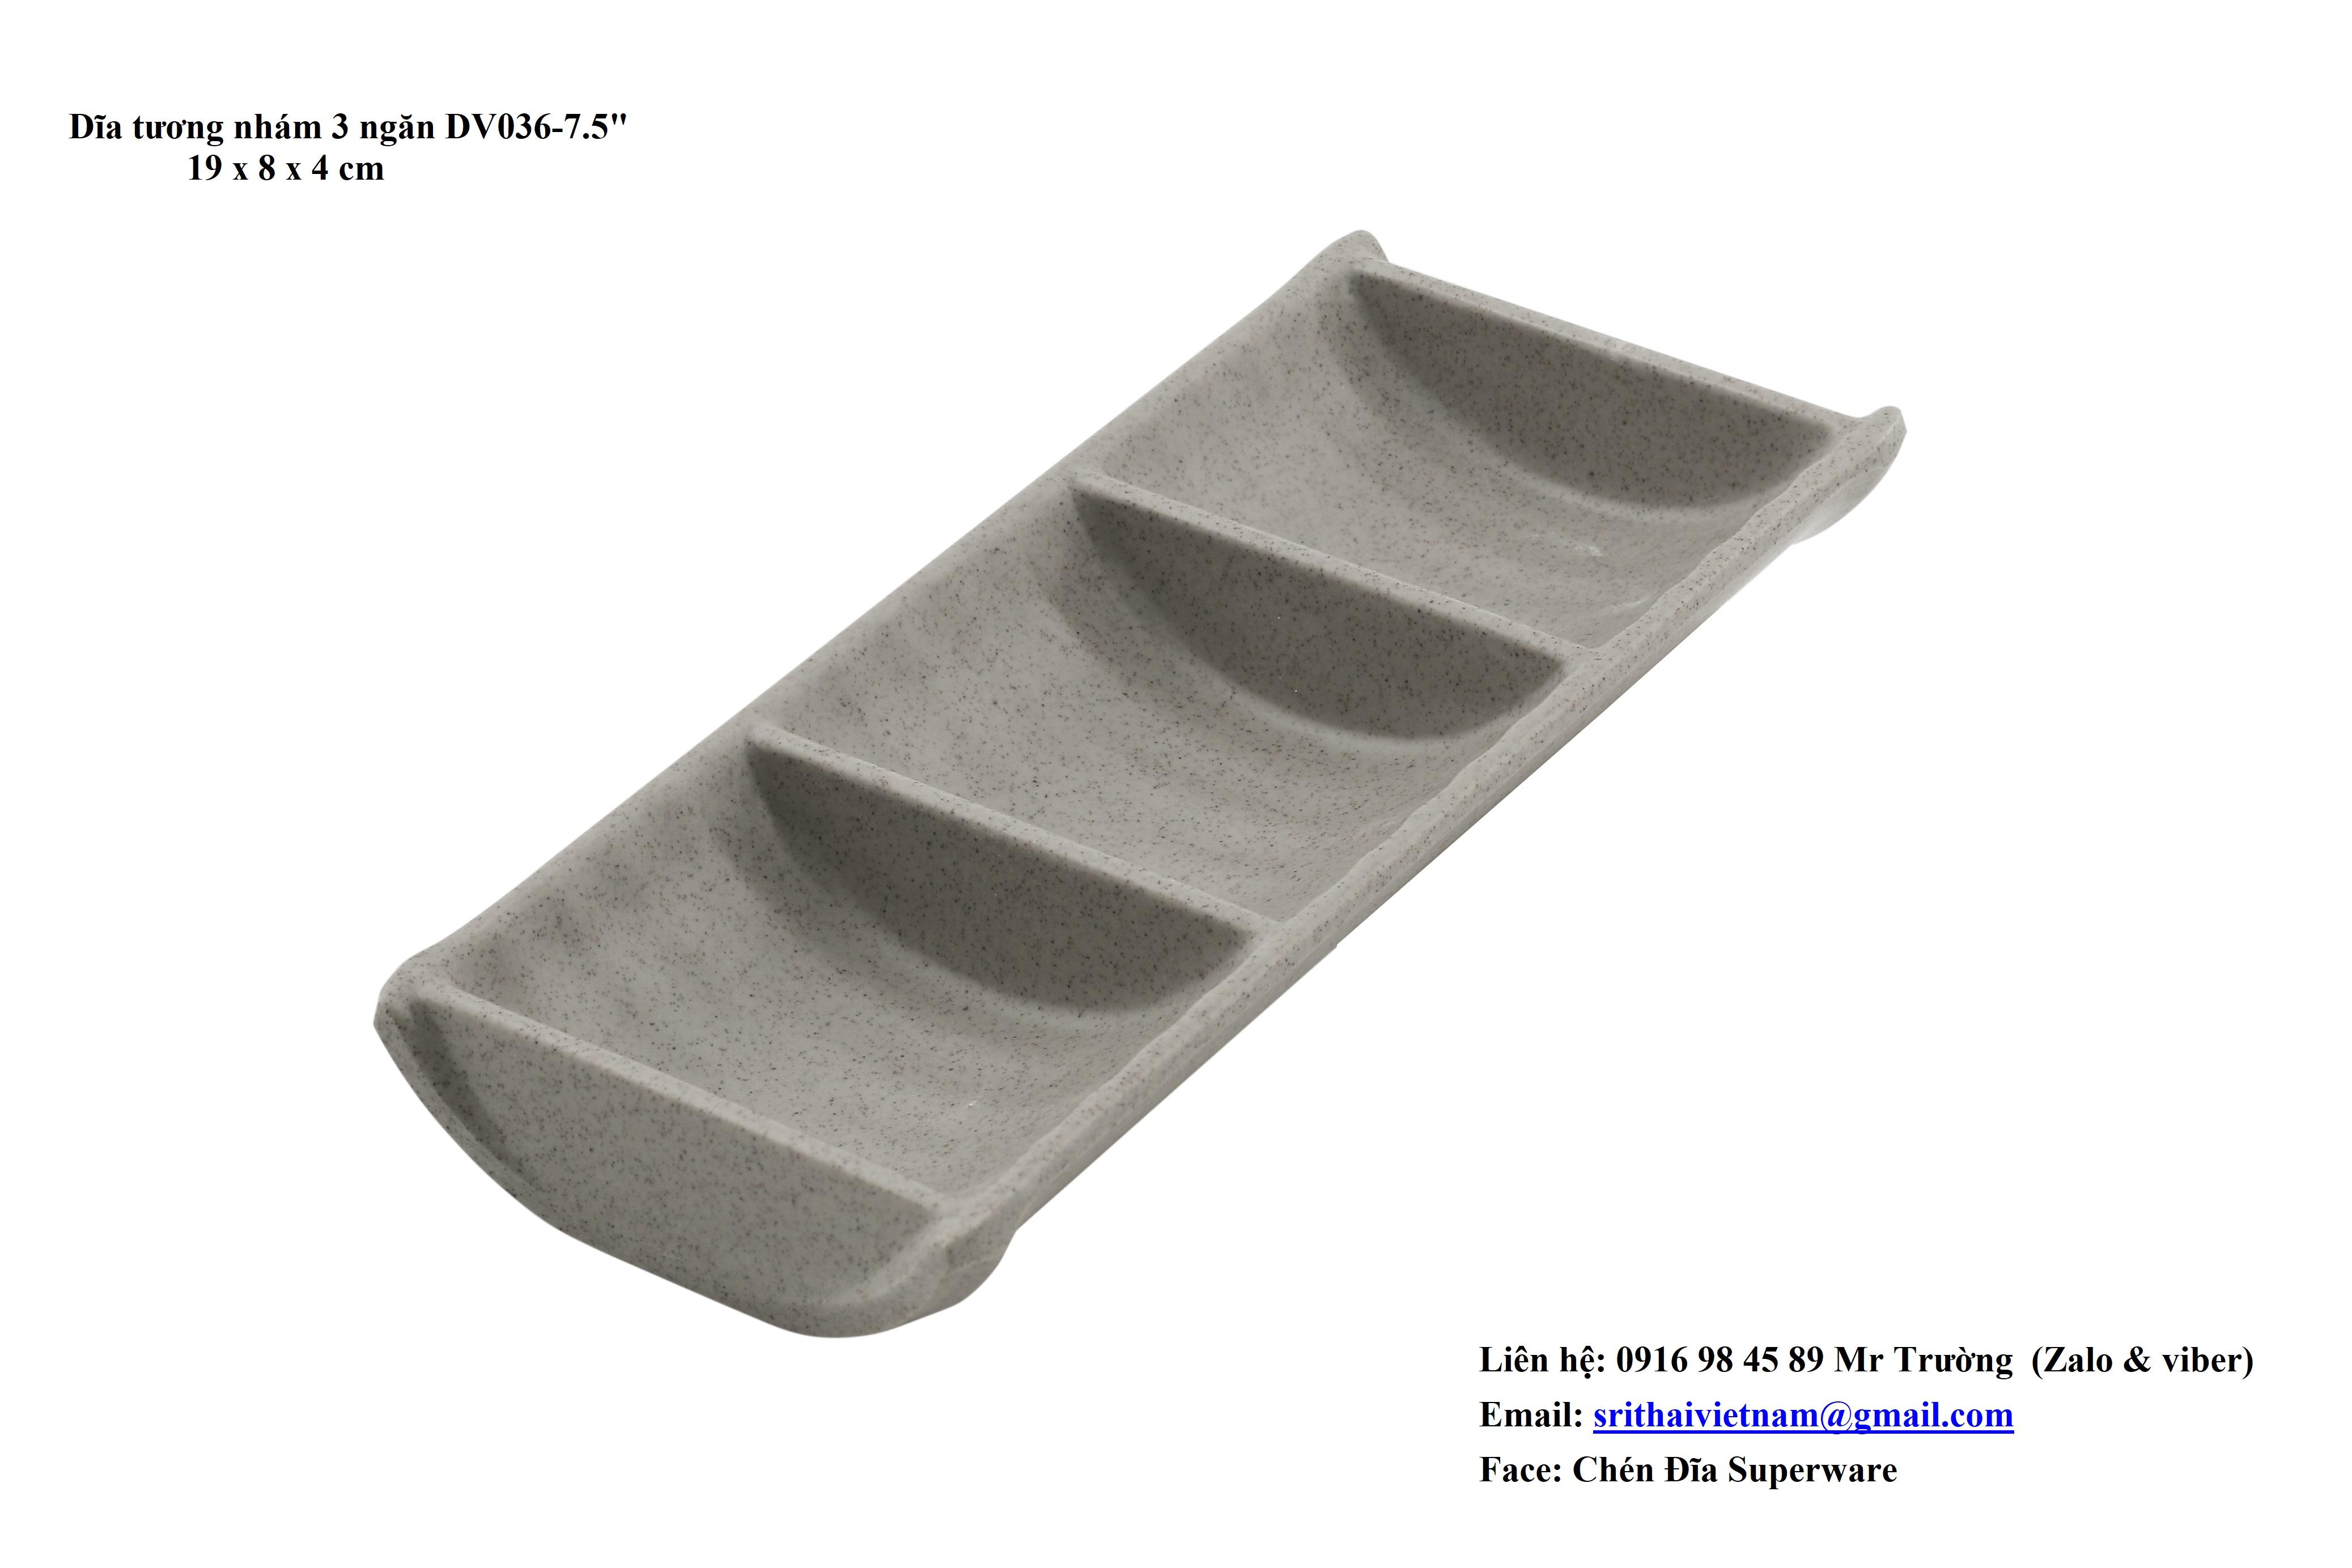 Bộ chén dĩa nhựa LIGHT BROWN giá rẻ nhất thị trường. - 13